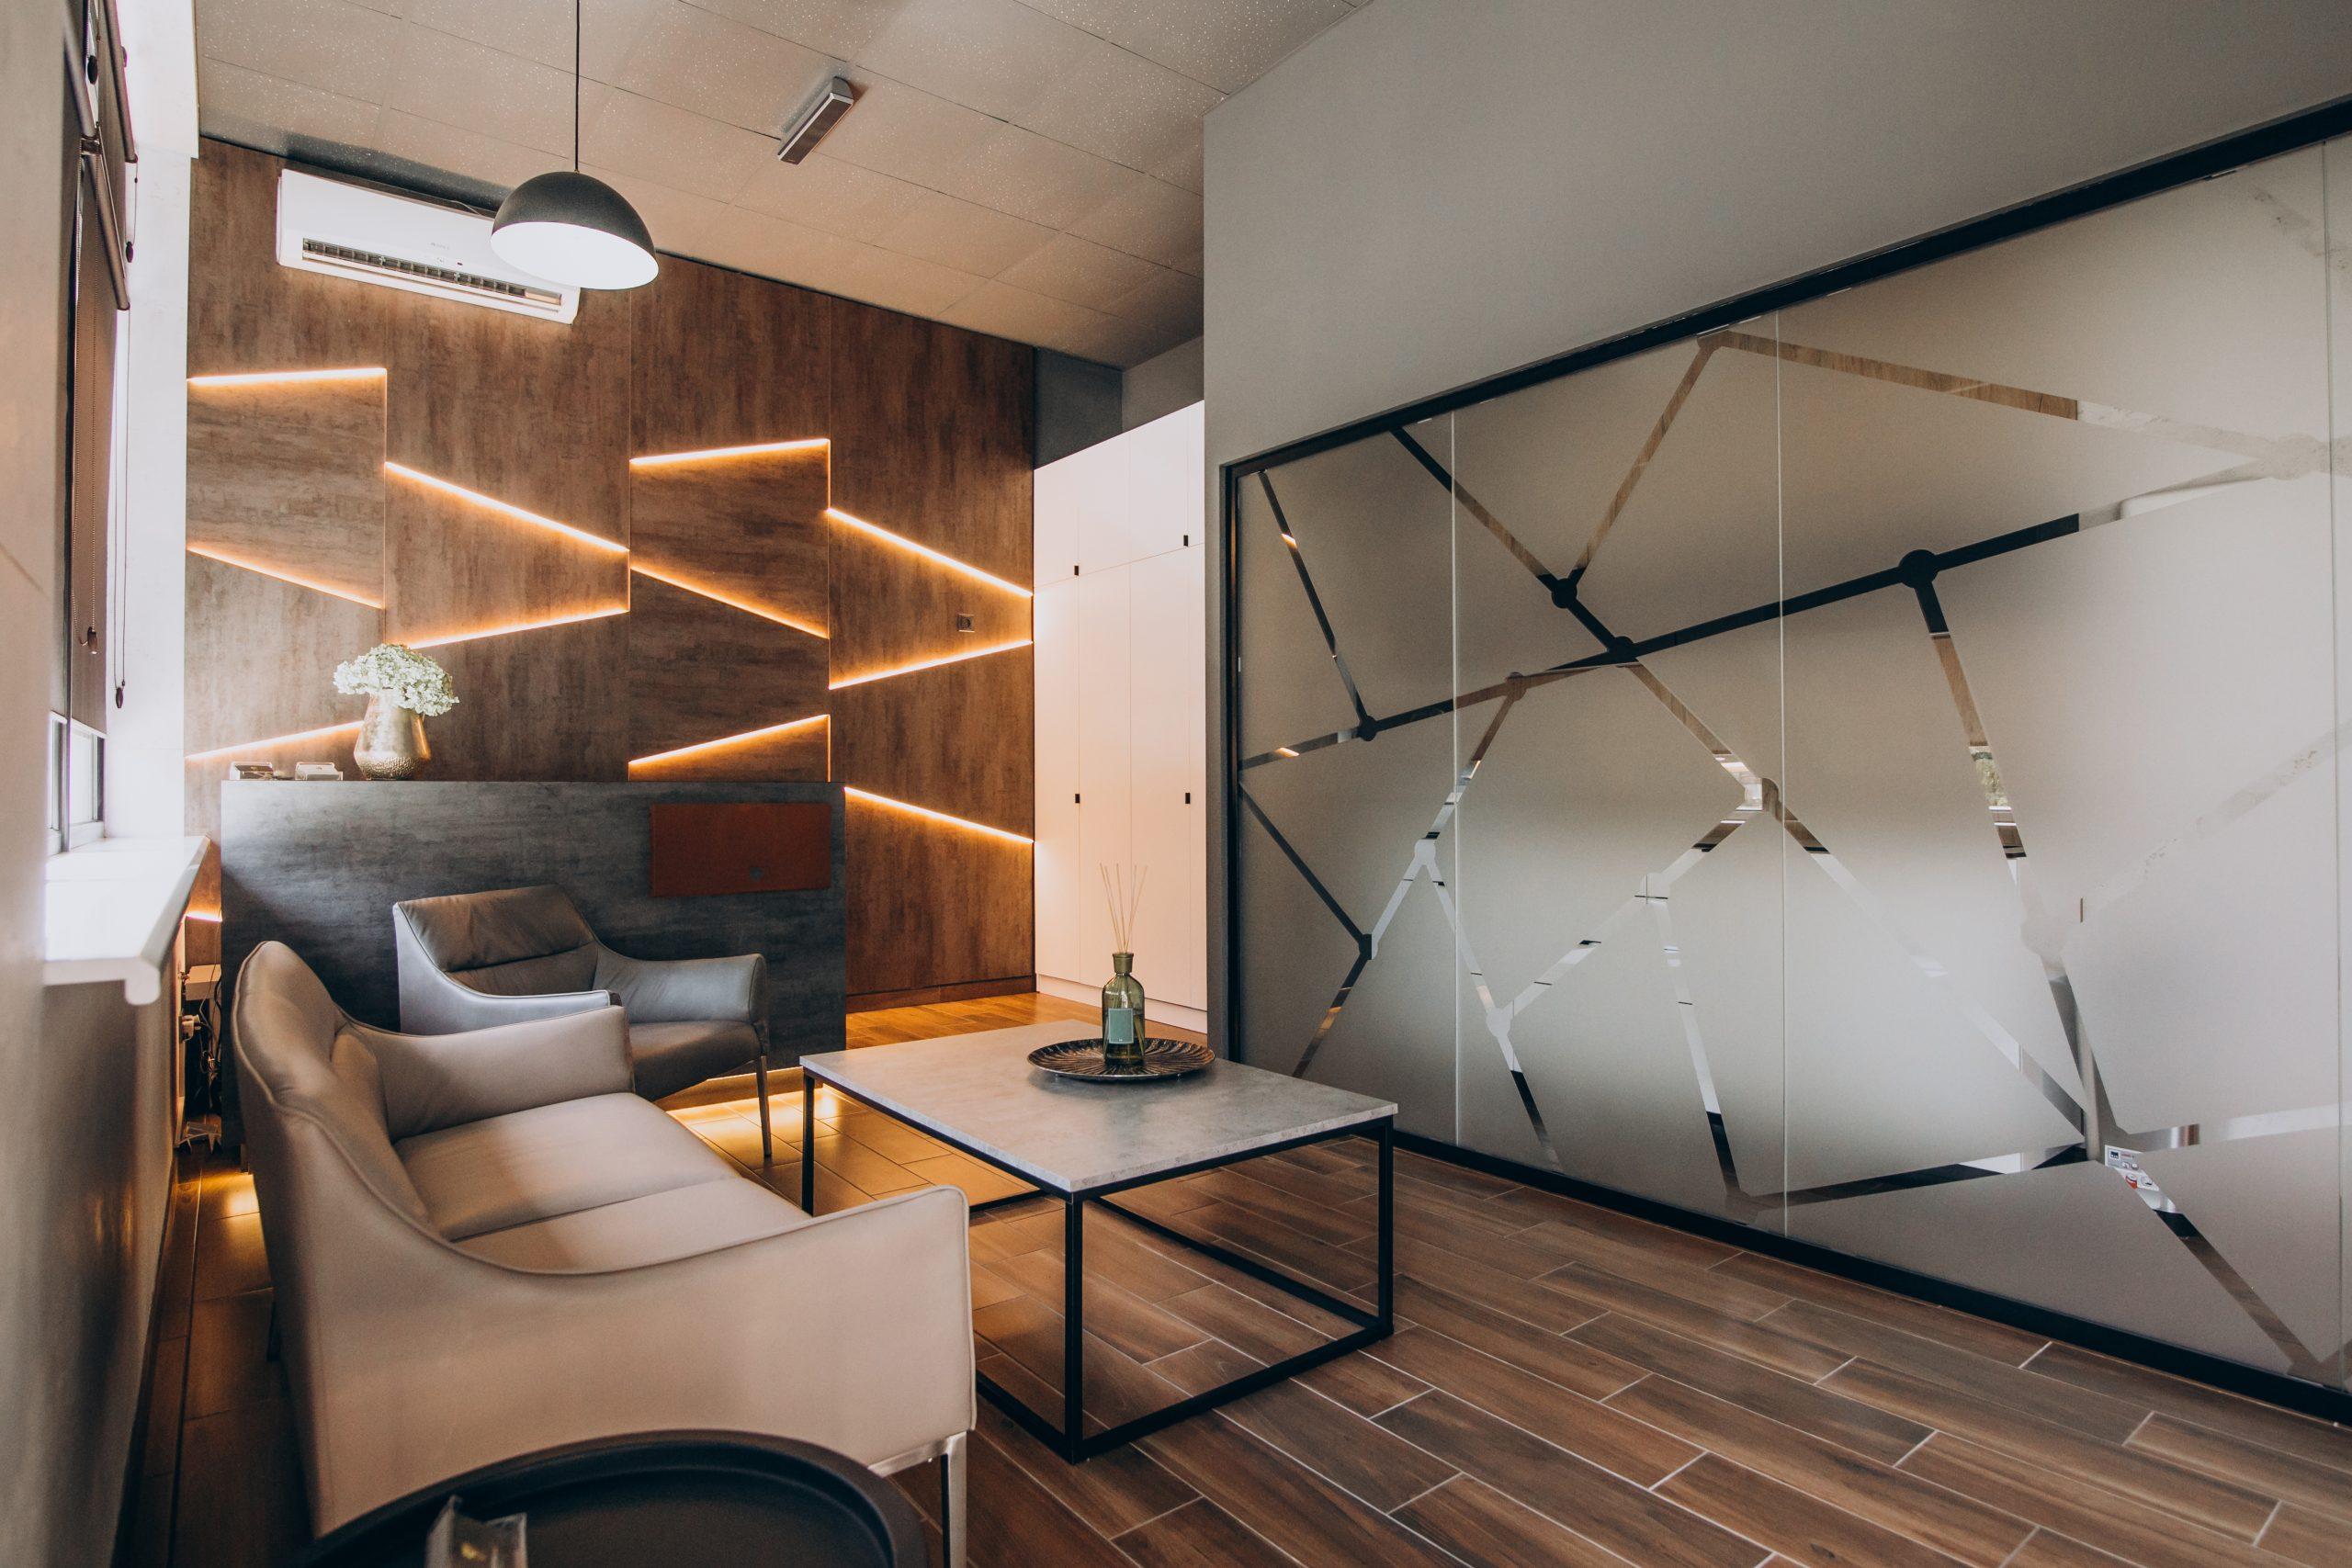 نورپردازی داخلی ساختمان چیست؟